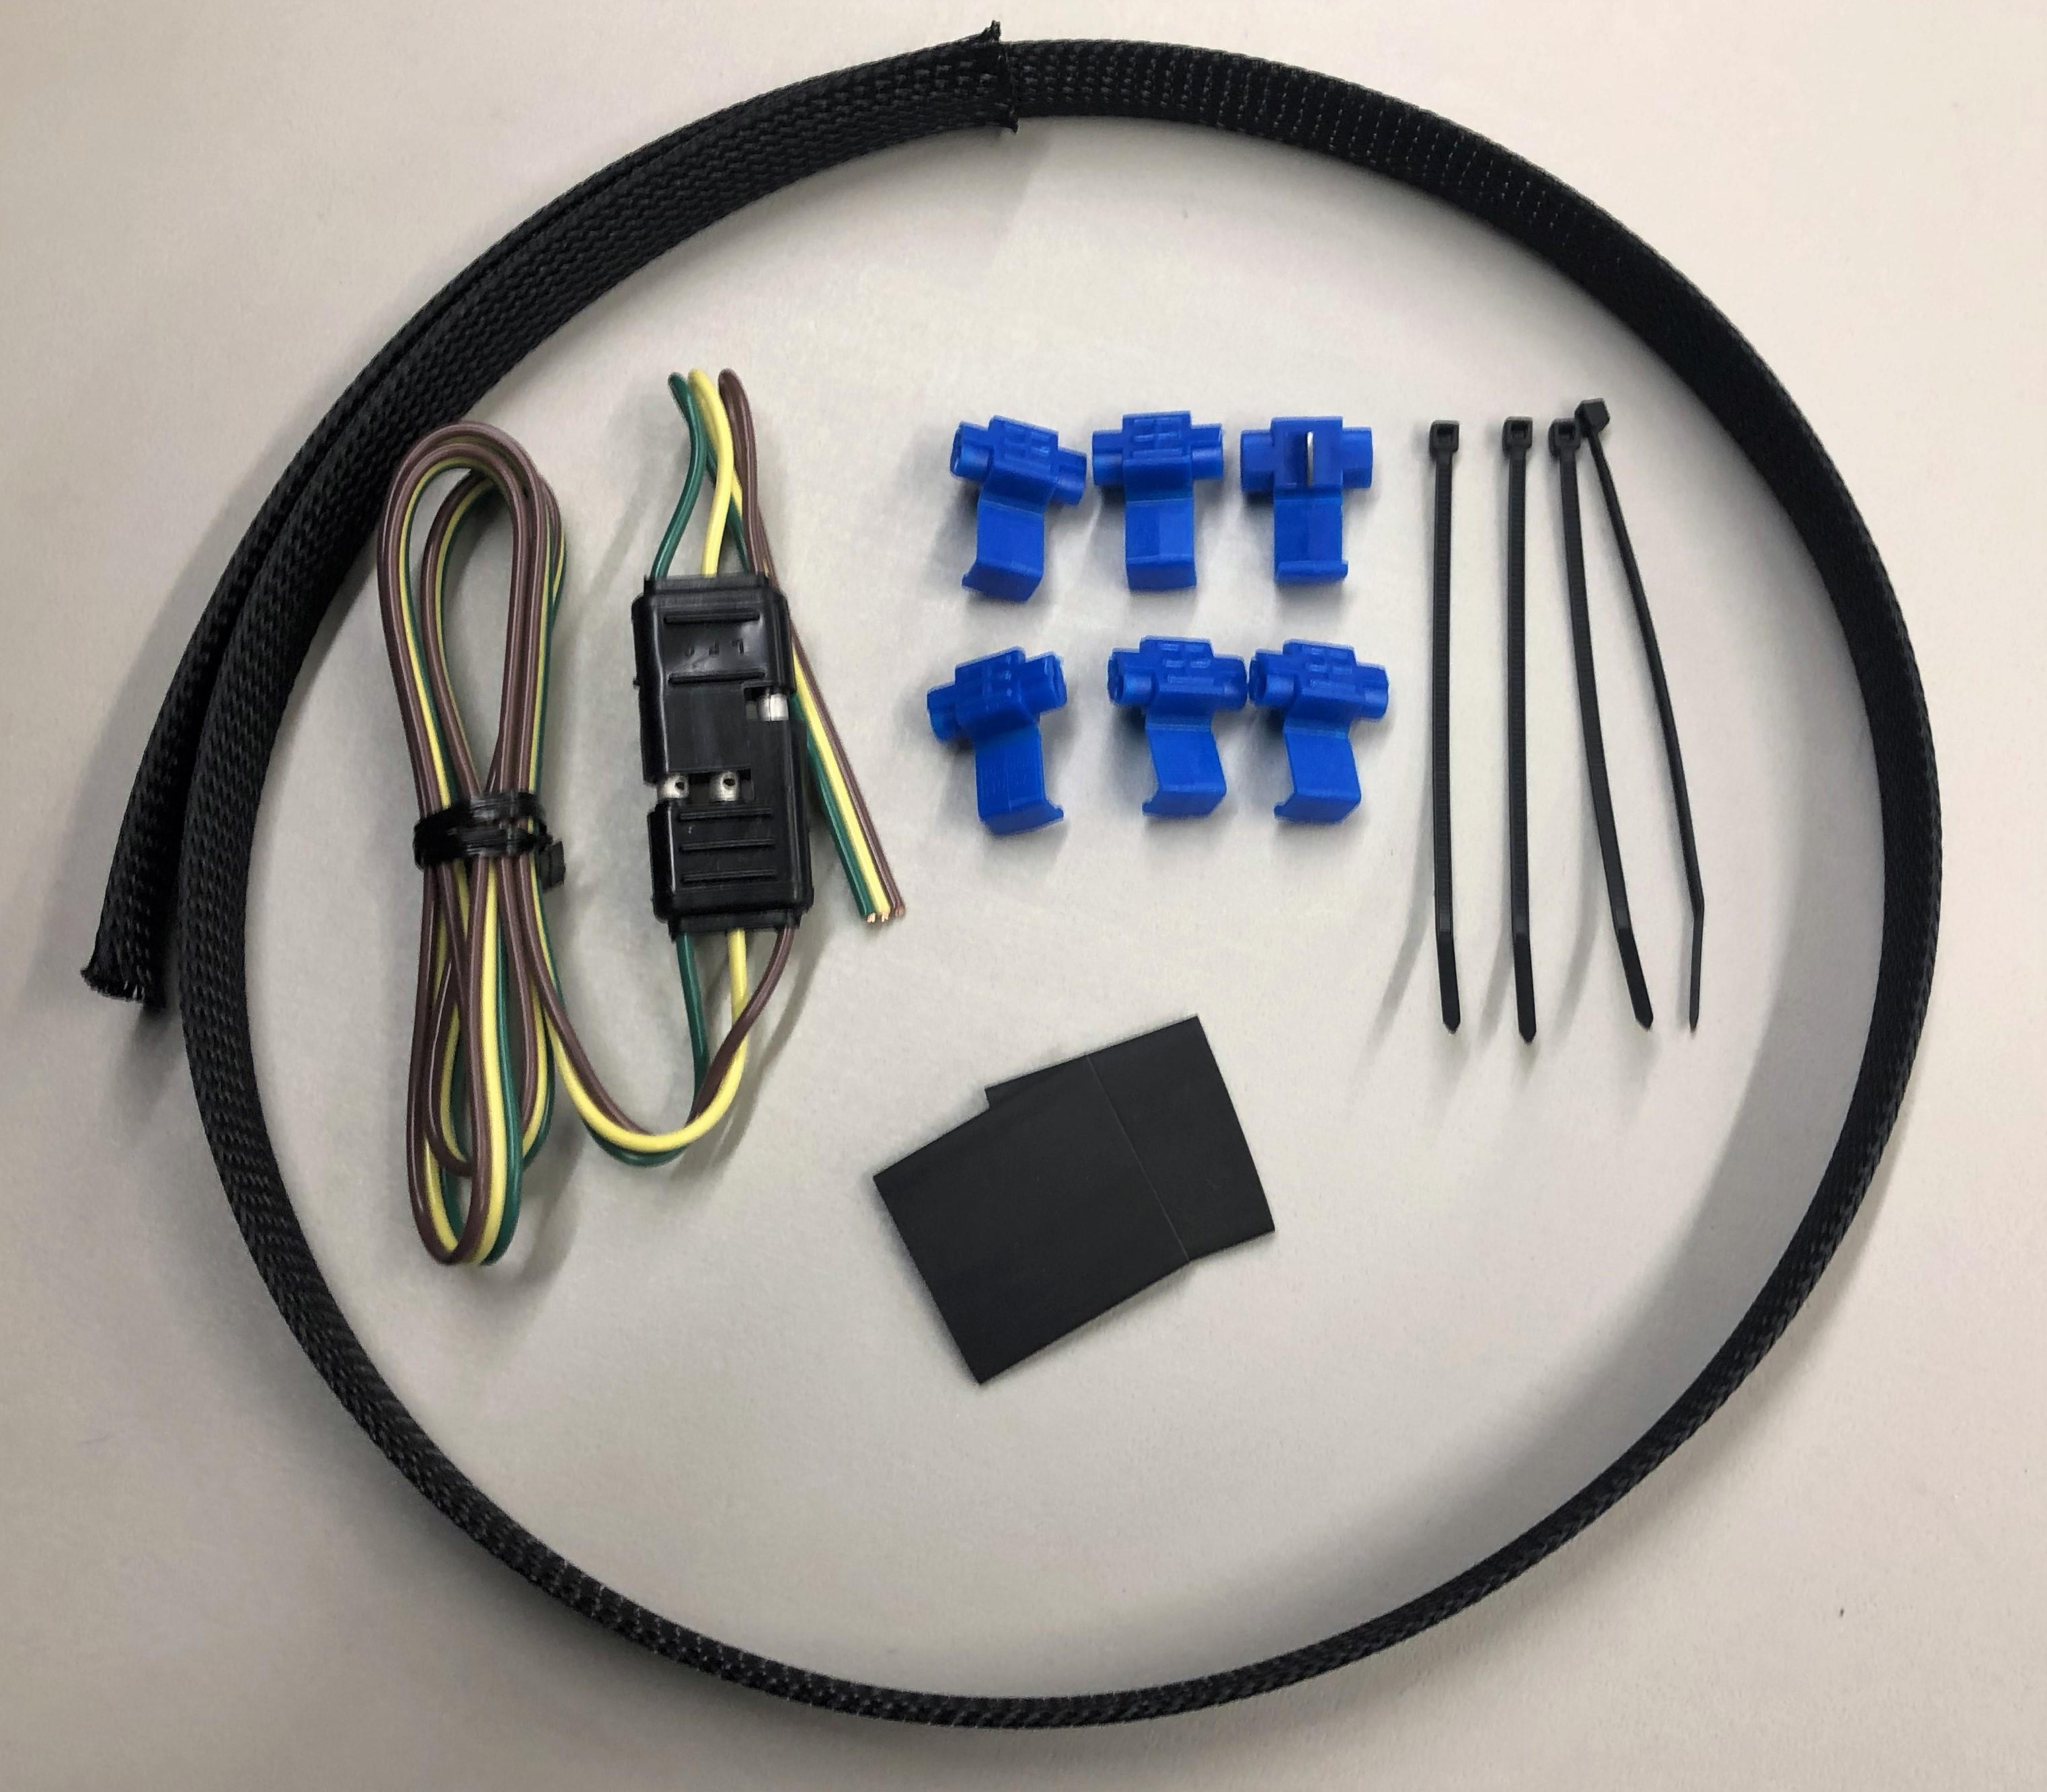 3rd break light extension kit